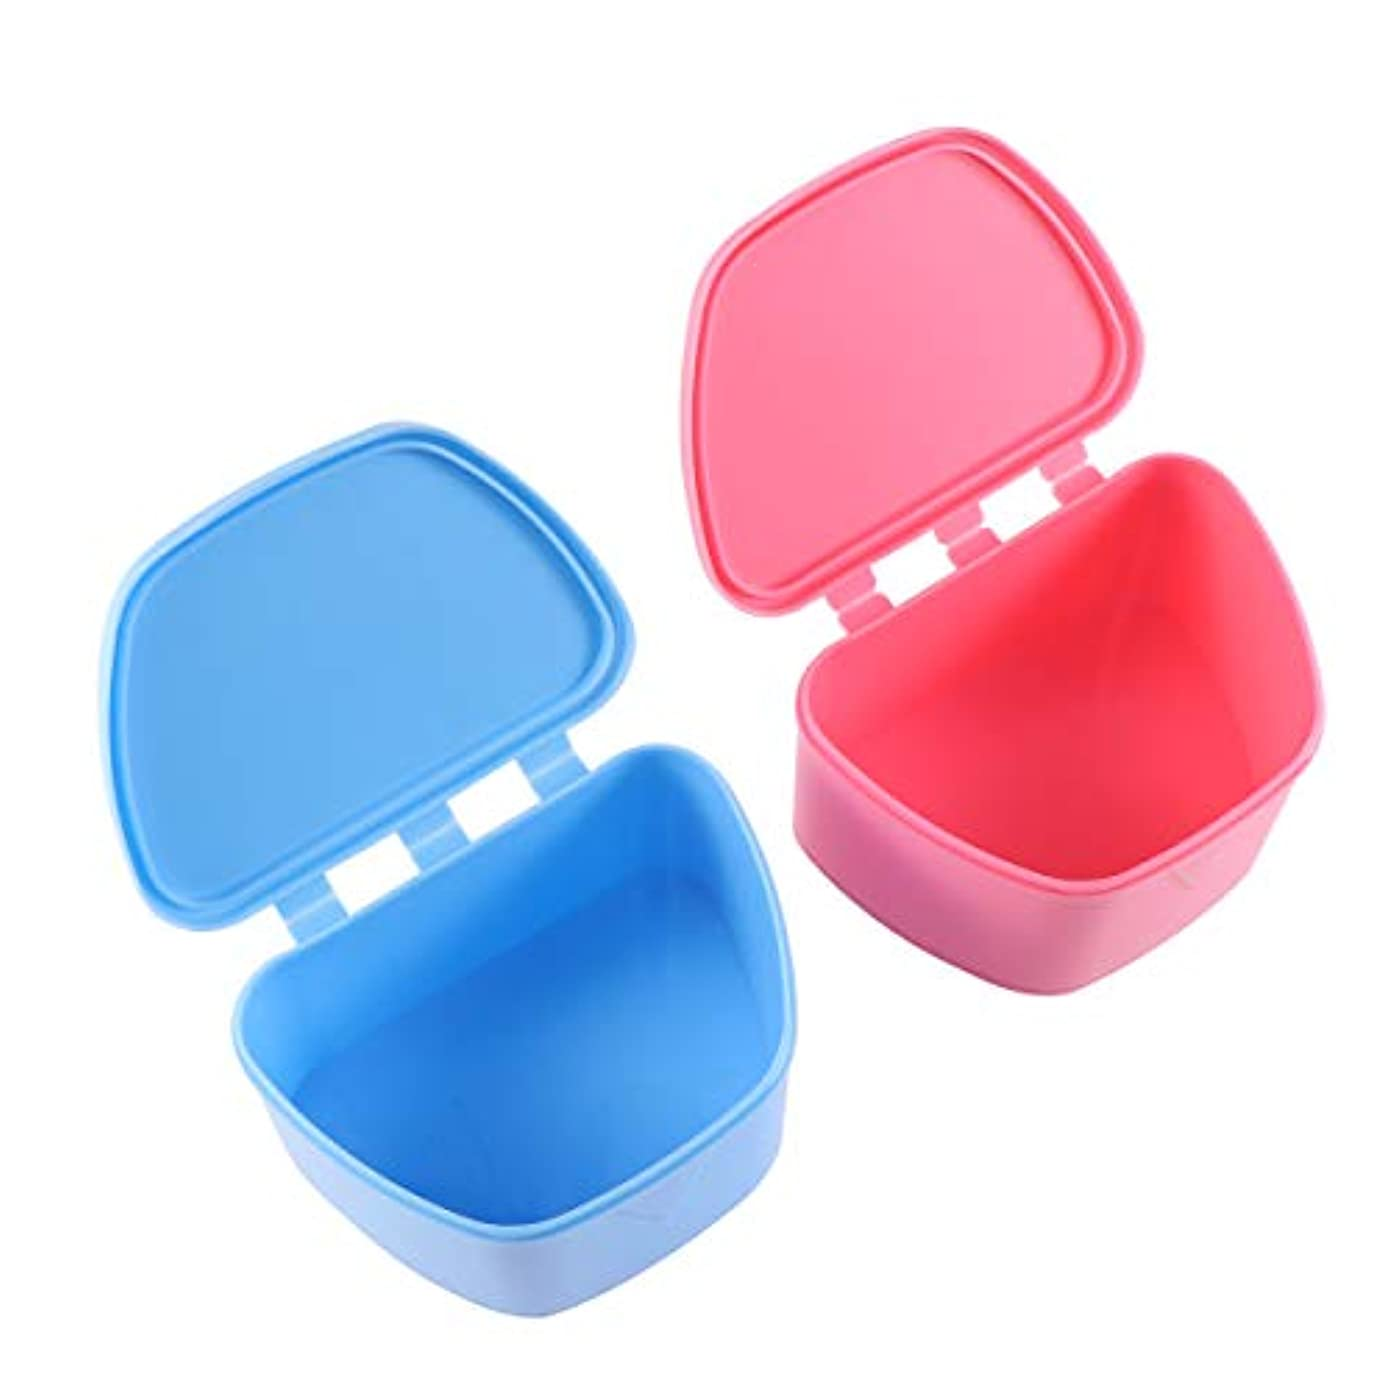 不要日没後Healifty 歯科ケース義歯収納ボックス矯正歯科ボックス2個(青とロージー)